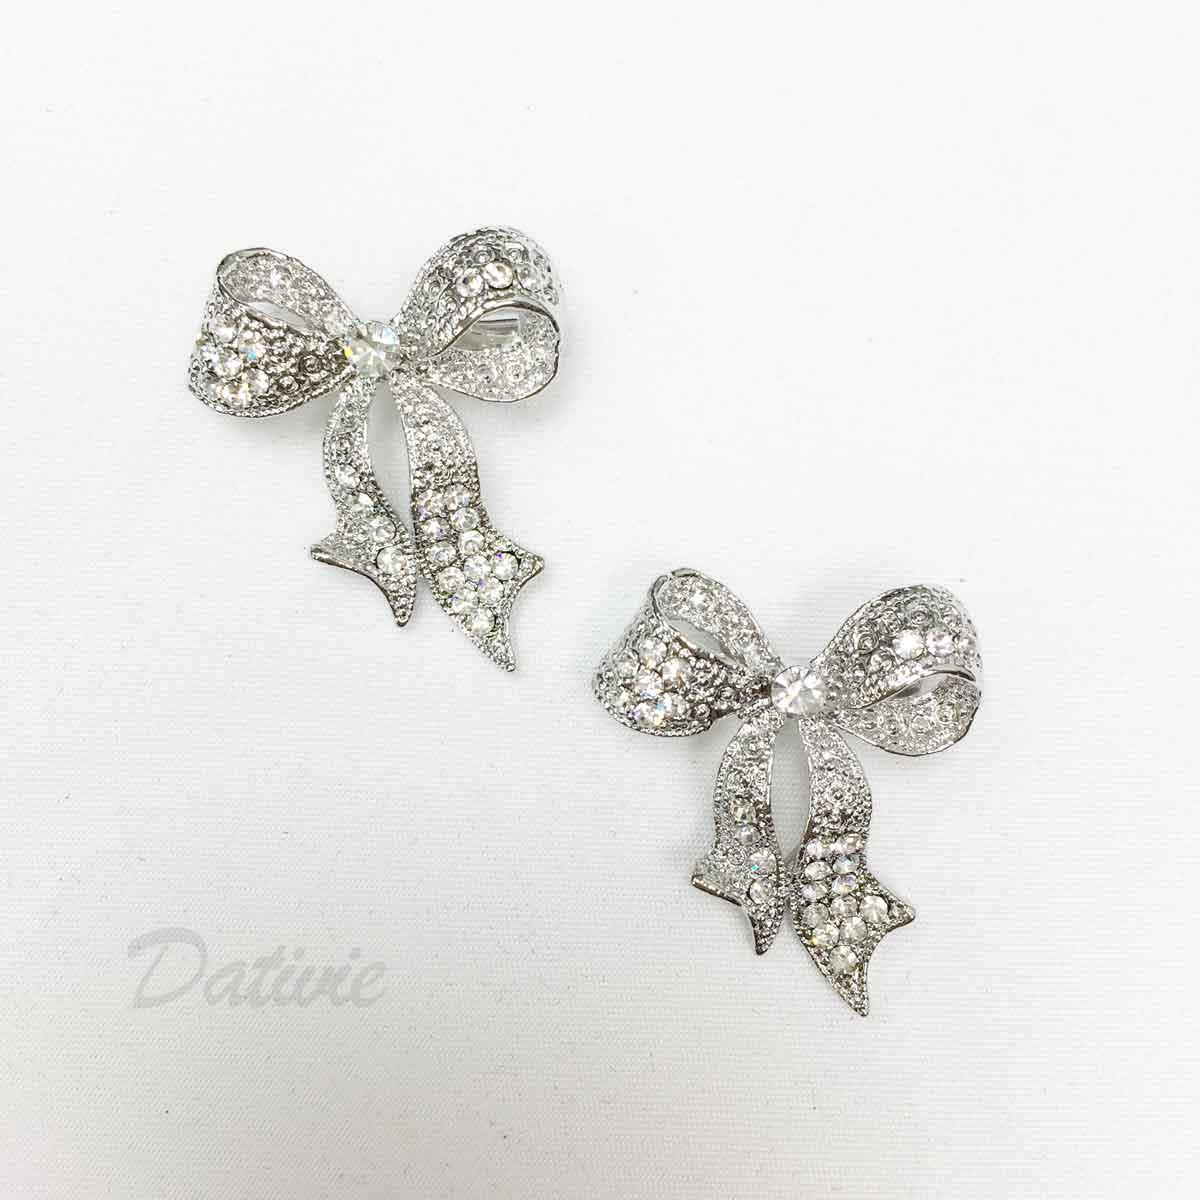 蝴蝶結 緞帶 水鑽 白鑽 可愛 二入一組 胸針